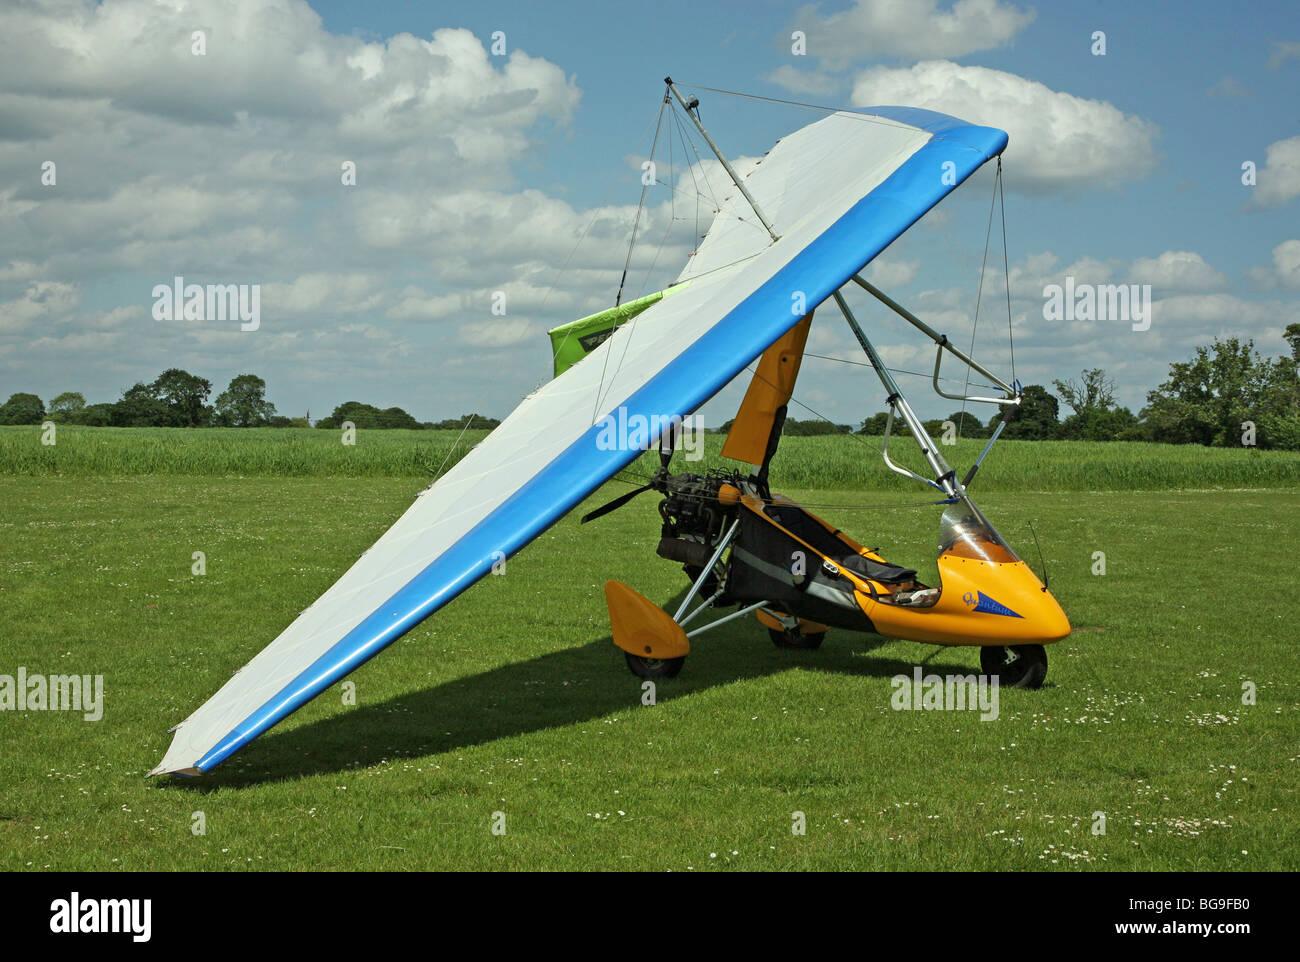 Avions ultralégers en attente sur le sol sans aucun personnes Photo Stock